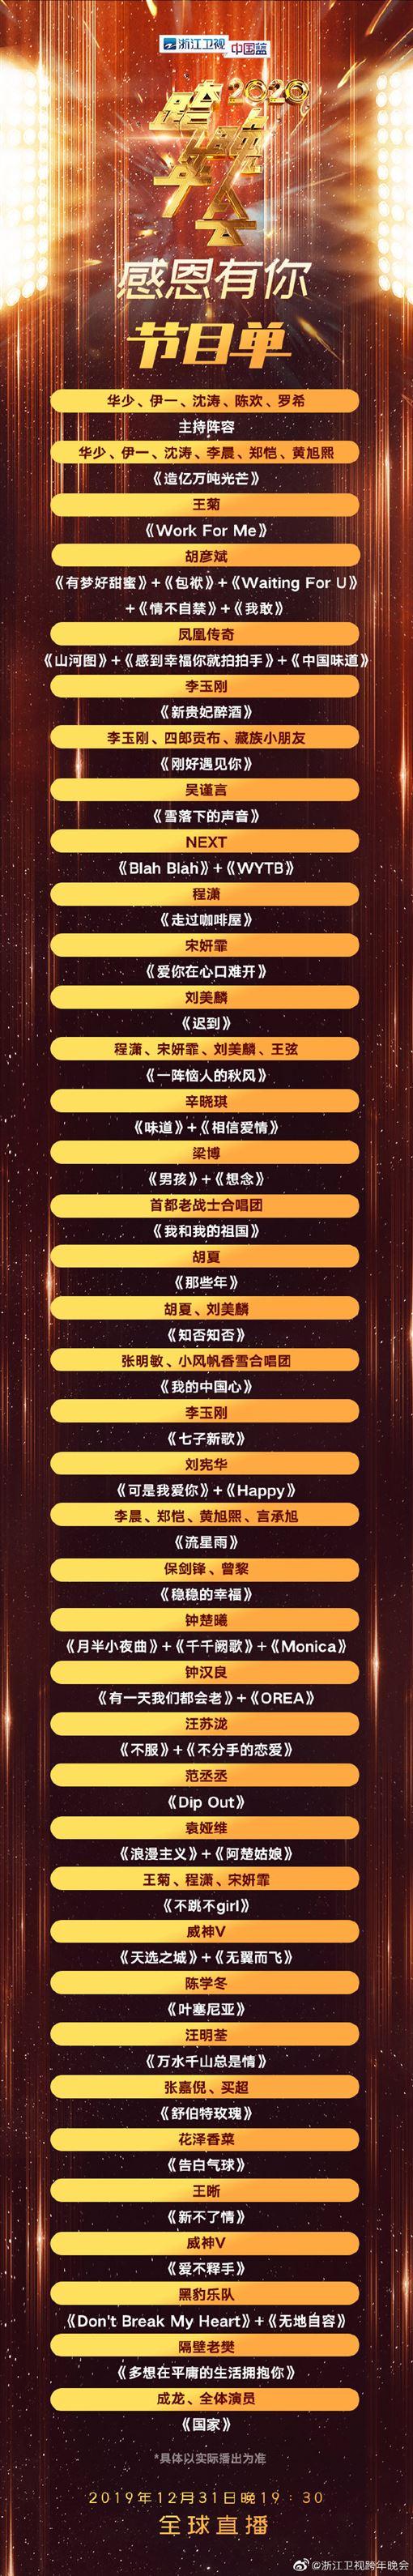 ▼▲(圖/翻攝自微博)31日在官方宣布今晚出席「感恩有你」跨年的明星,其中赫然發現台灣男星言承旭。